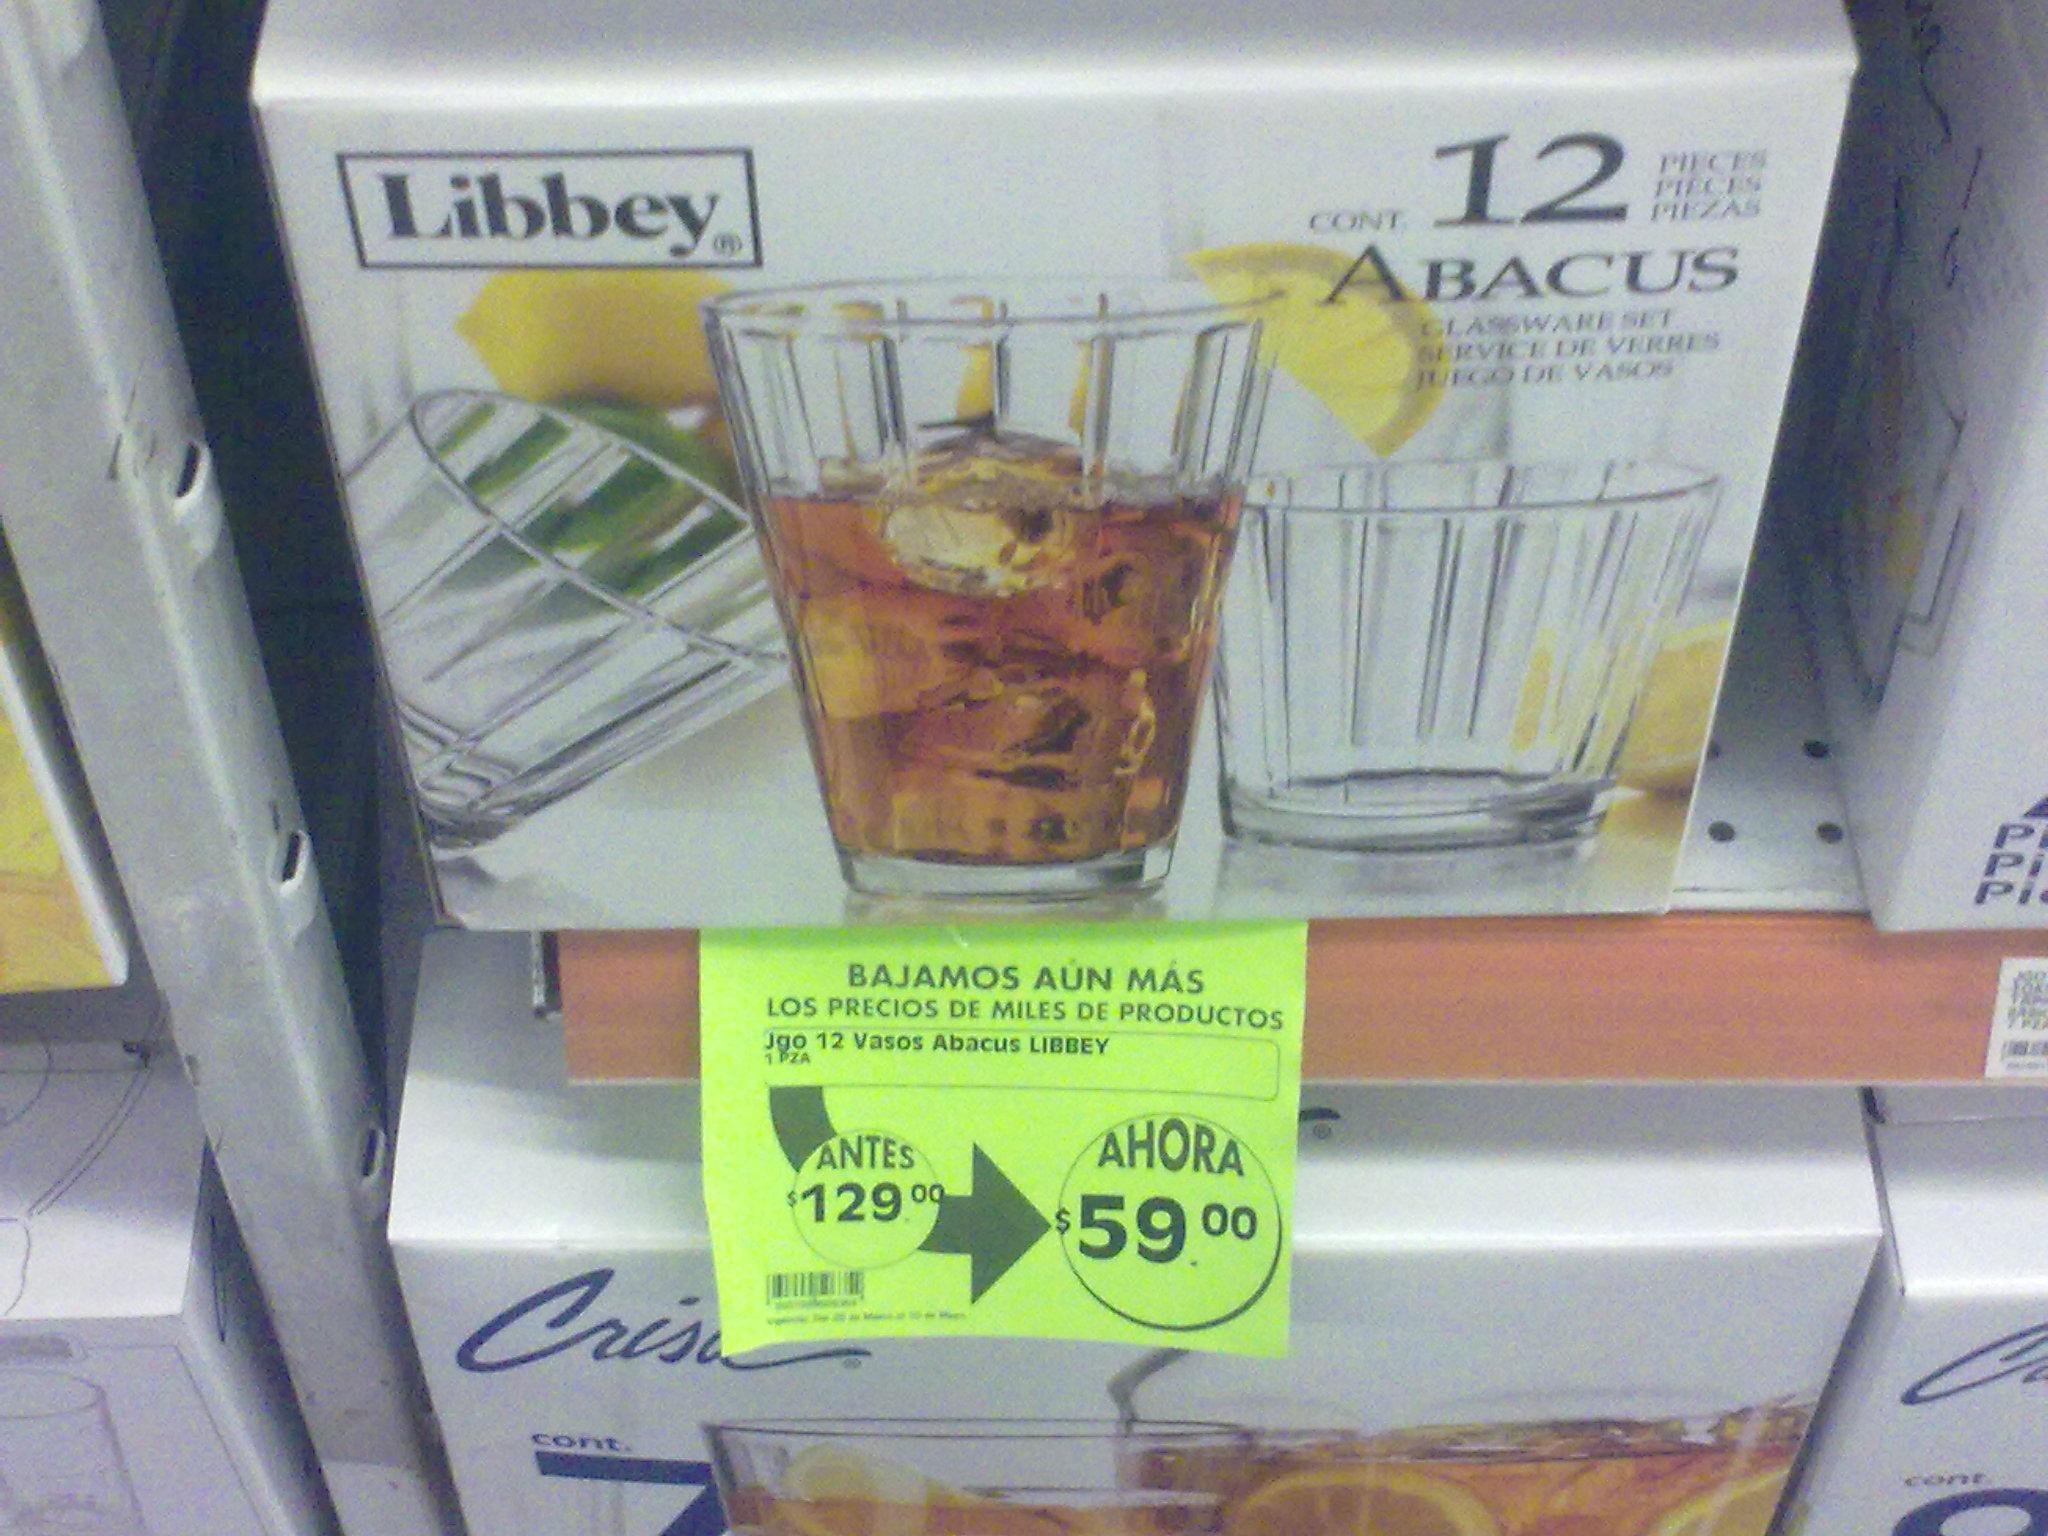 La Comer: Paquete de vasos de 12 de $129 a $59